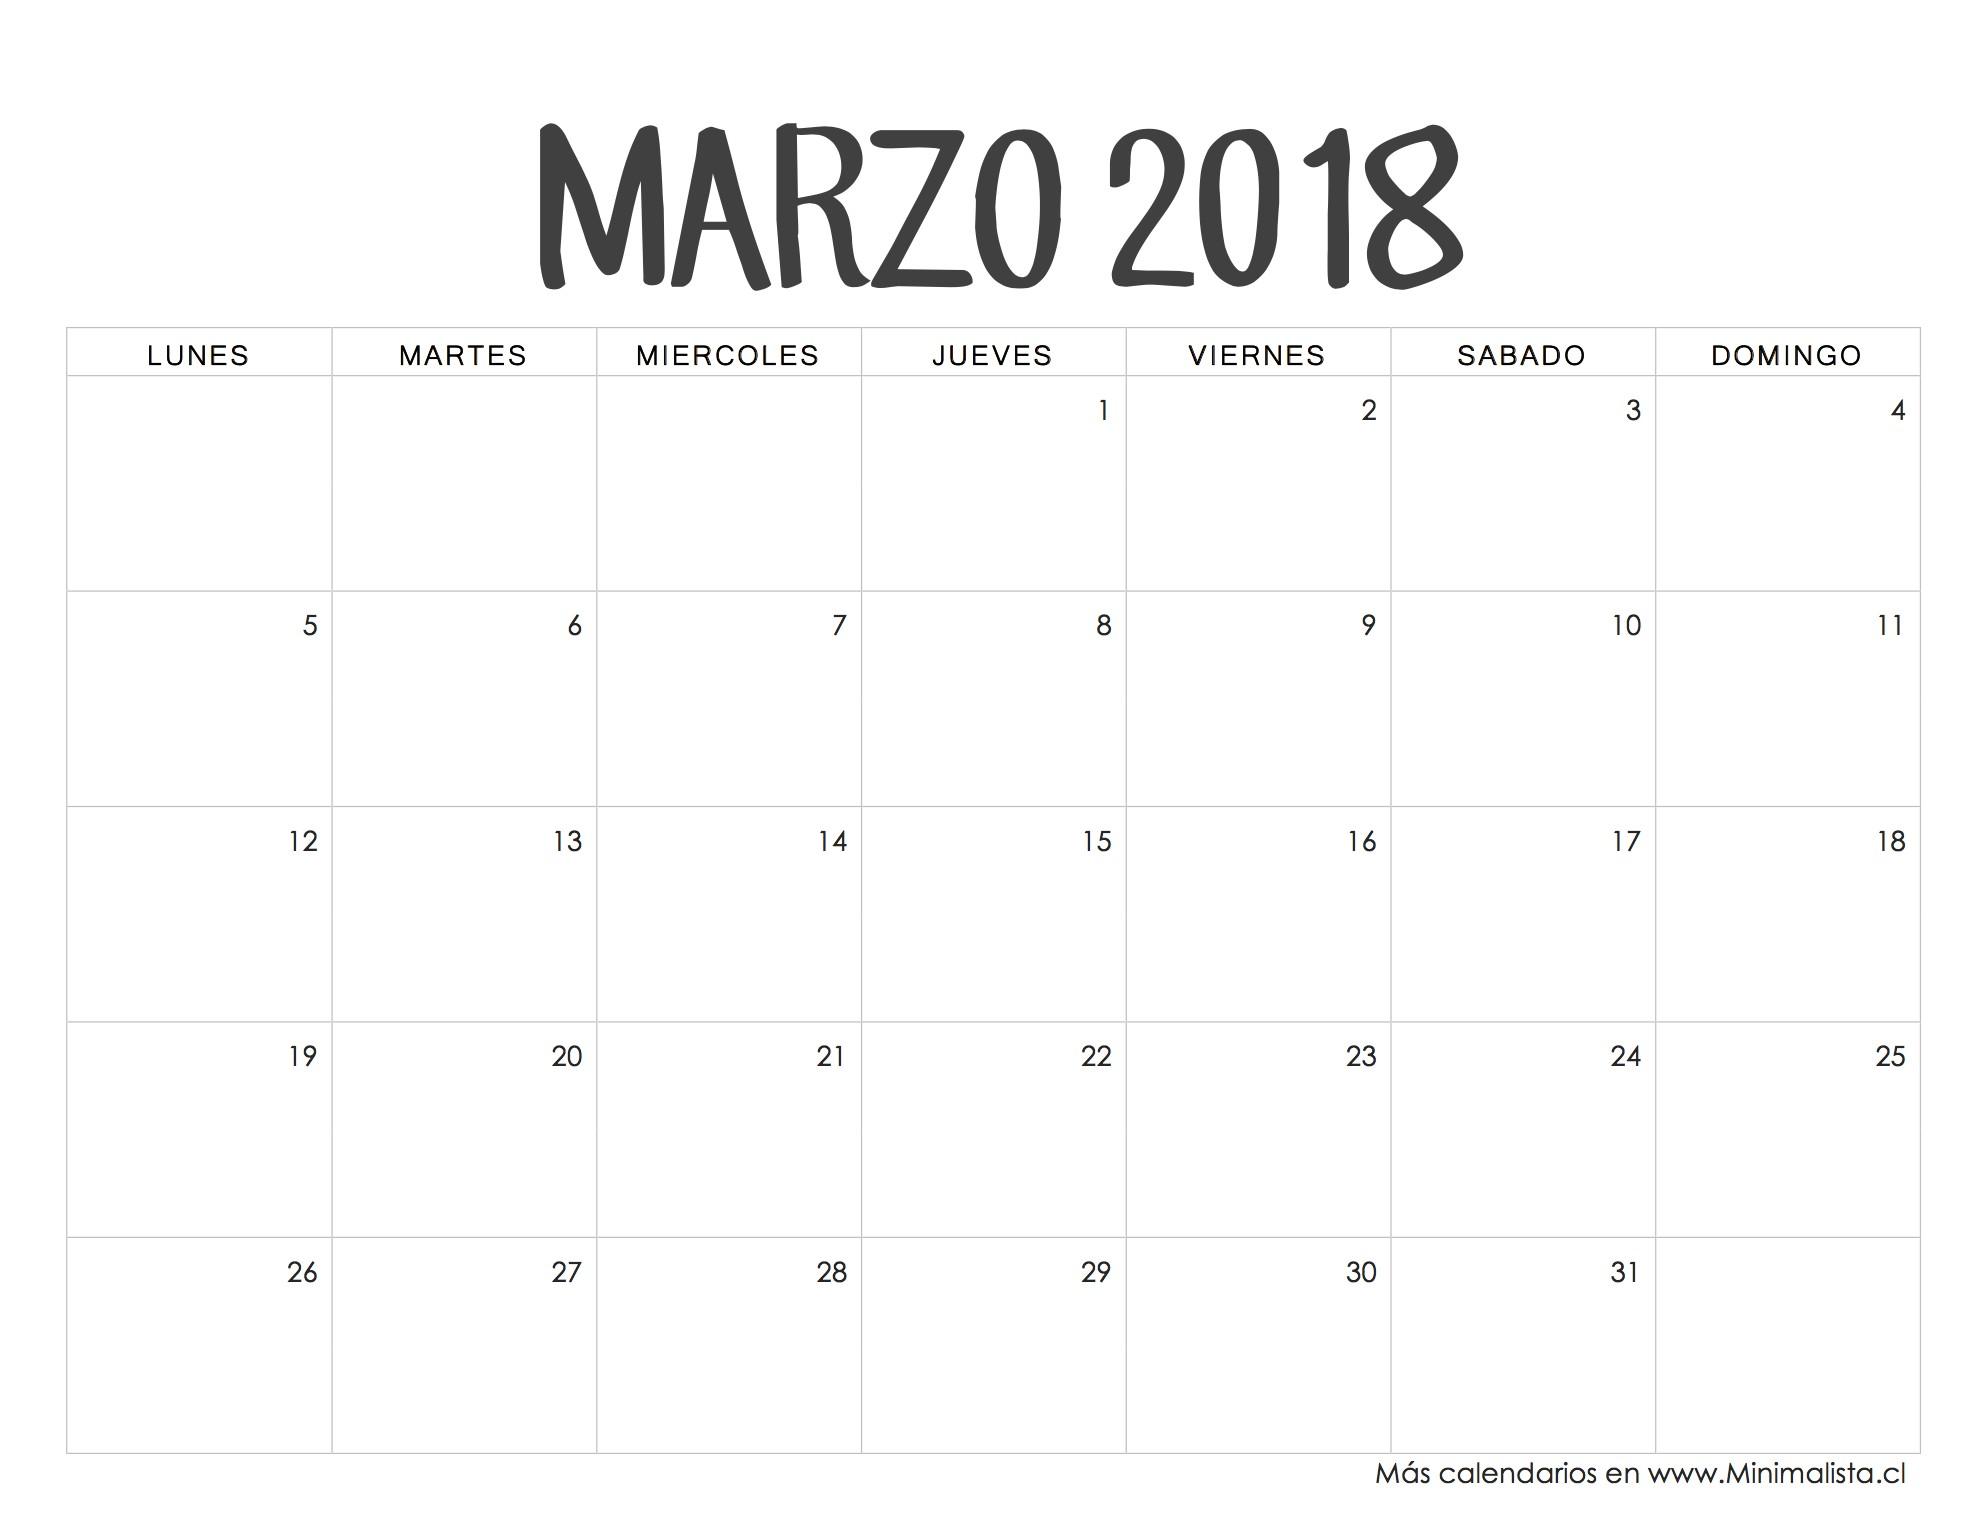 Calendario 2019 Con Dias Festivos Peru Actual Calendario Marzo 2018 Fondos De Pantalla Pinterest Of Calendario 2019 Con Dias Festivos Peru Más Reciente Enero Calendario 2019 Peru